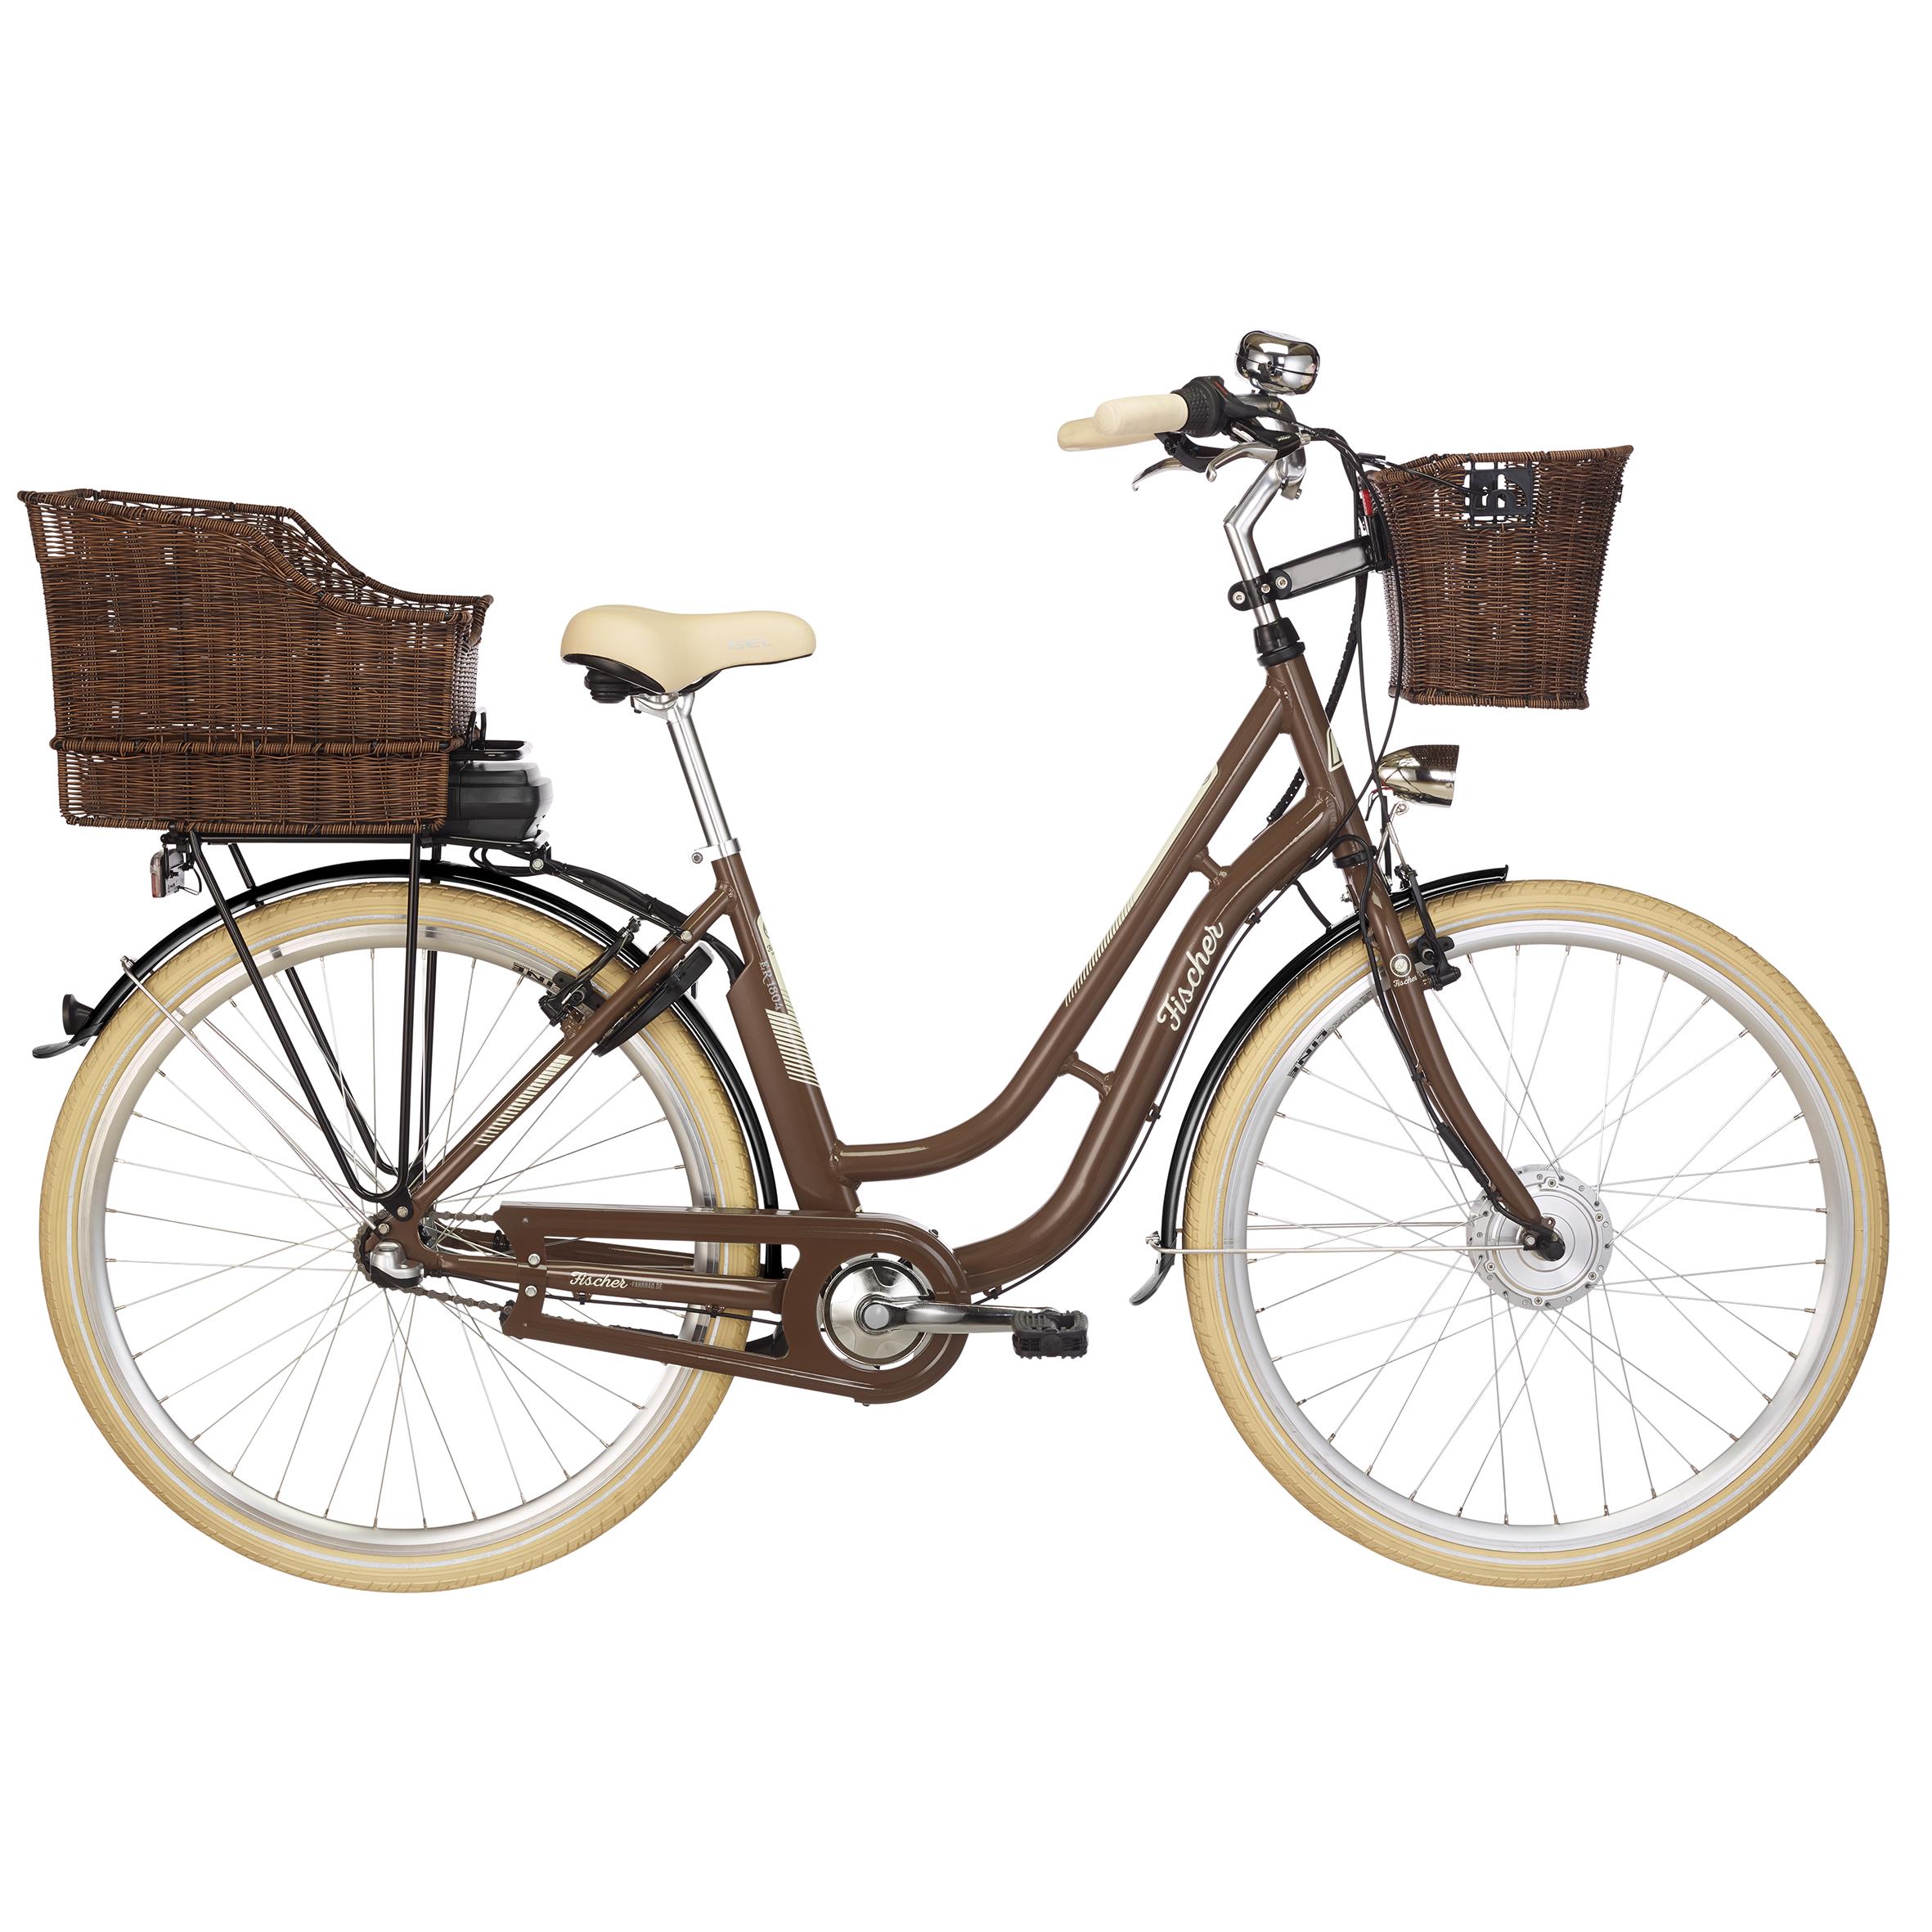 e bike retro da 28 3g er 1804 s1 retro e bikes e bikes. Black Bedroom Furniture Sets. Home Design Ideas